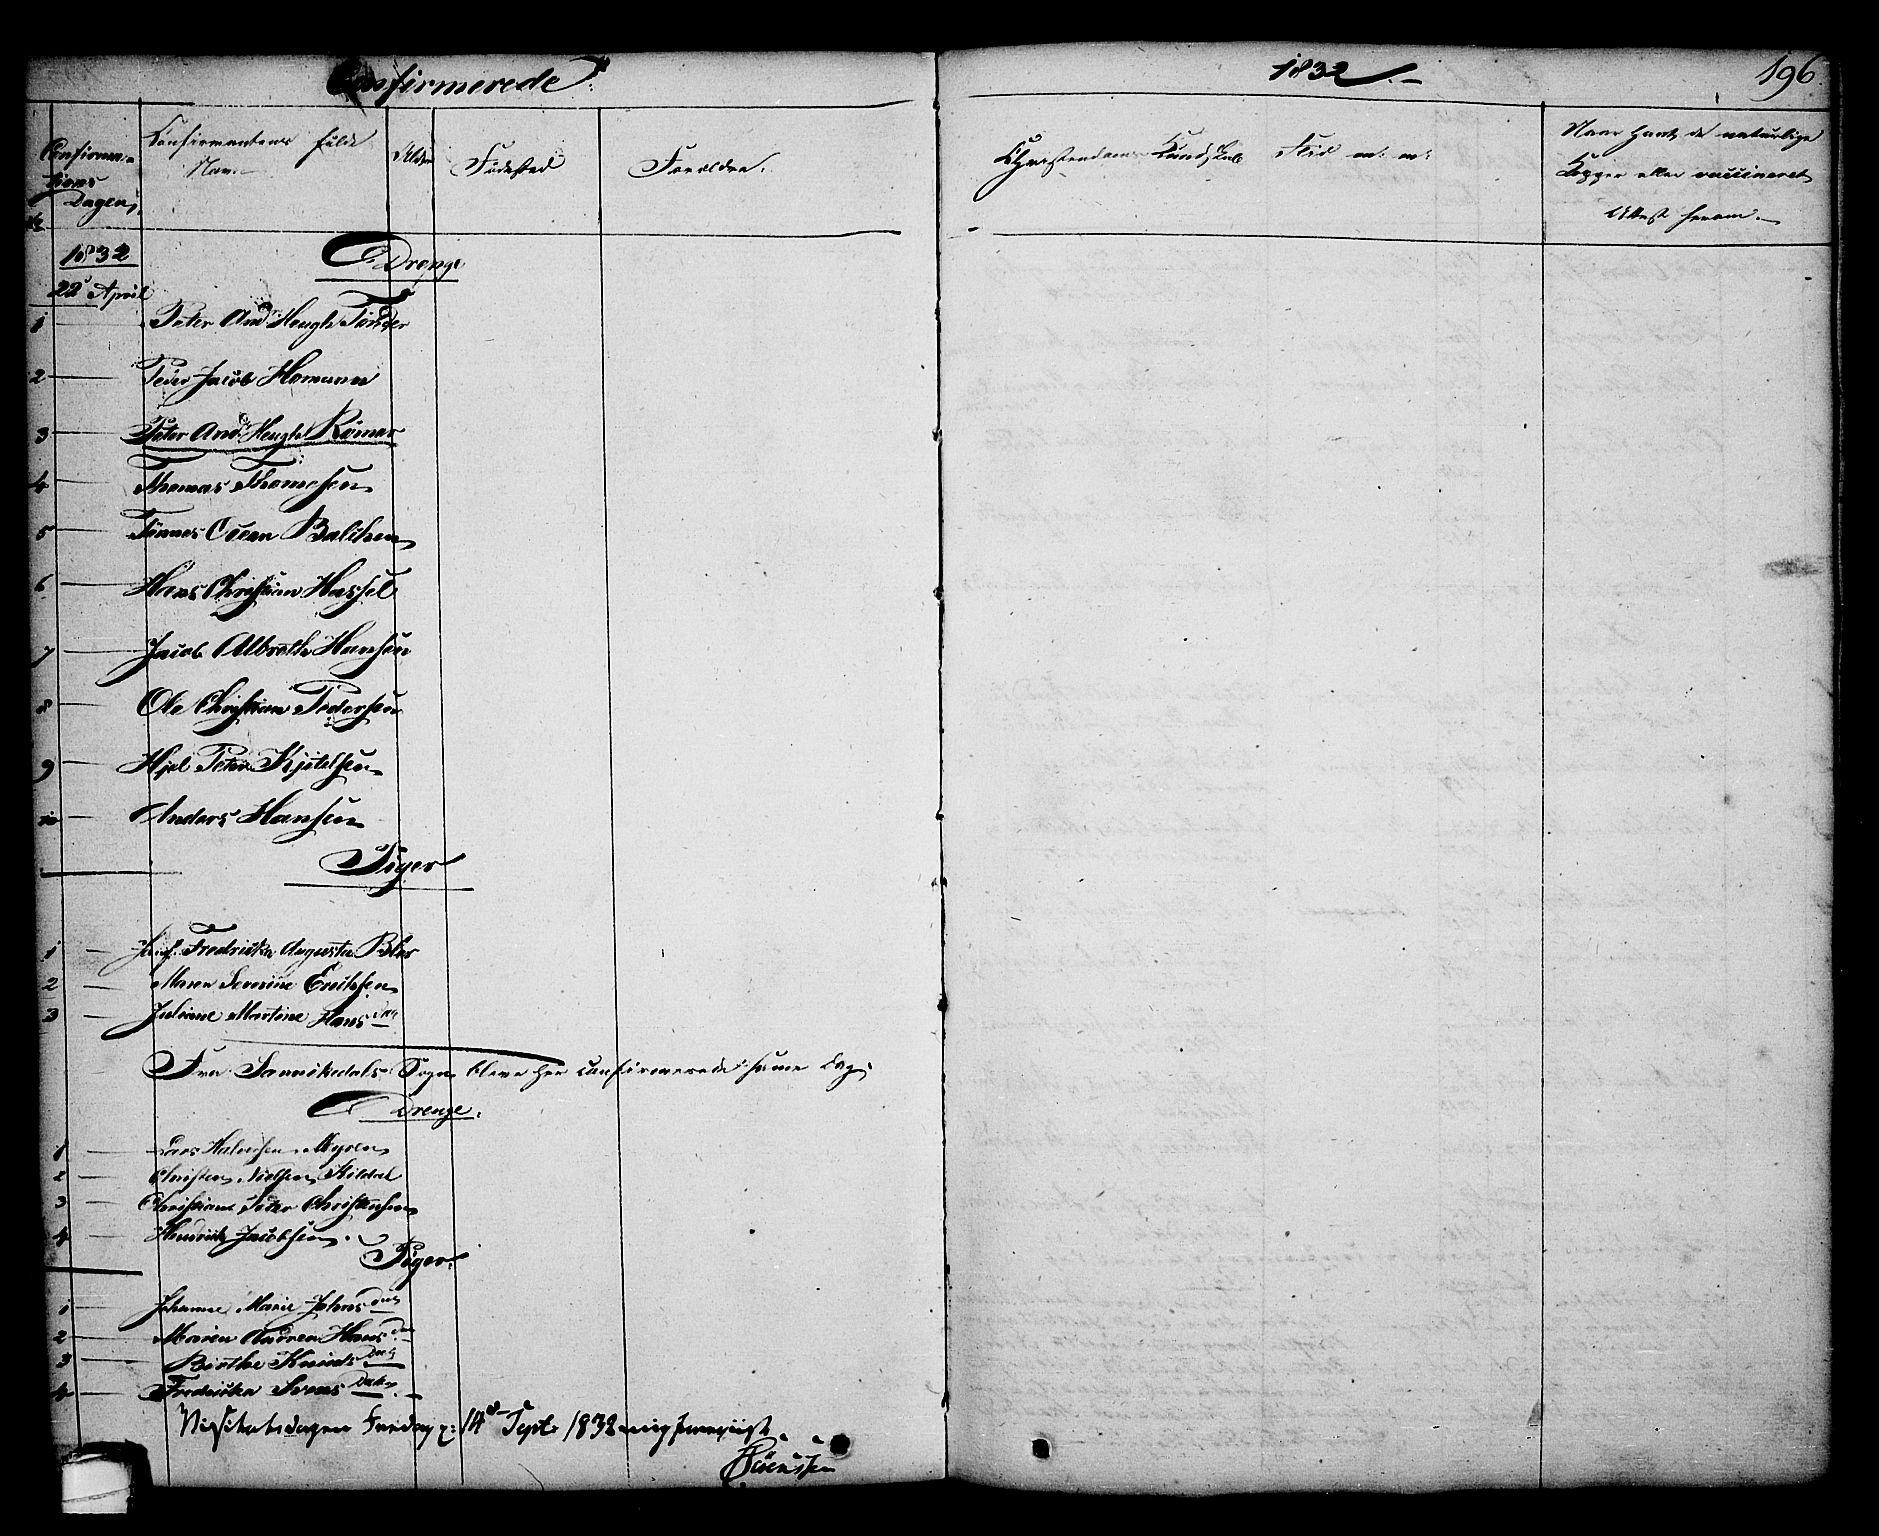 SAKO, Kragerø kirkebøker, G/Ga/L0003: Klokkerbok nr. 3, 1832-1852, s. 196